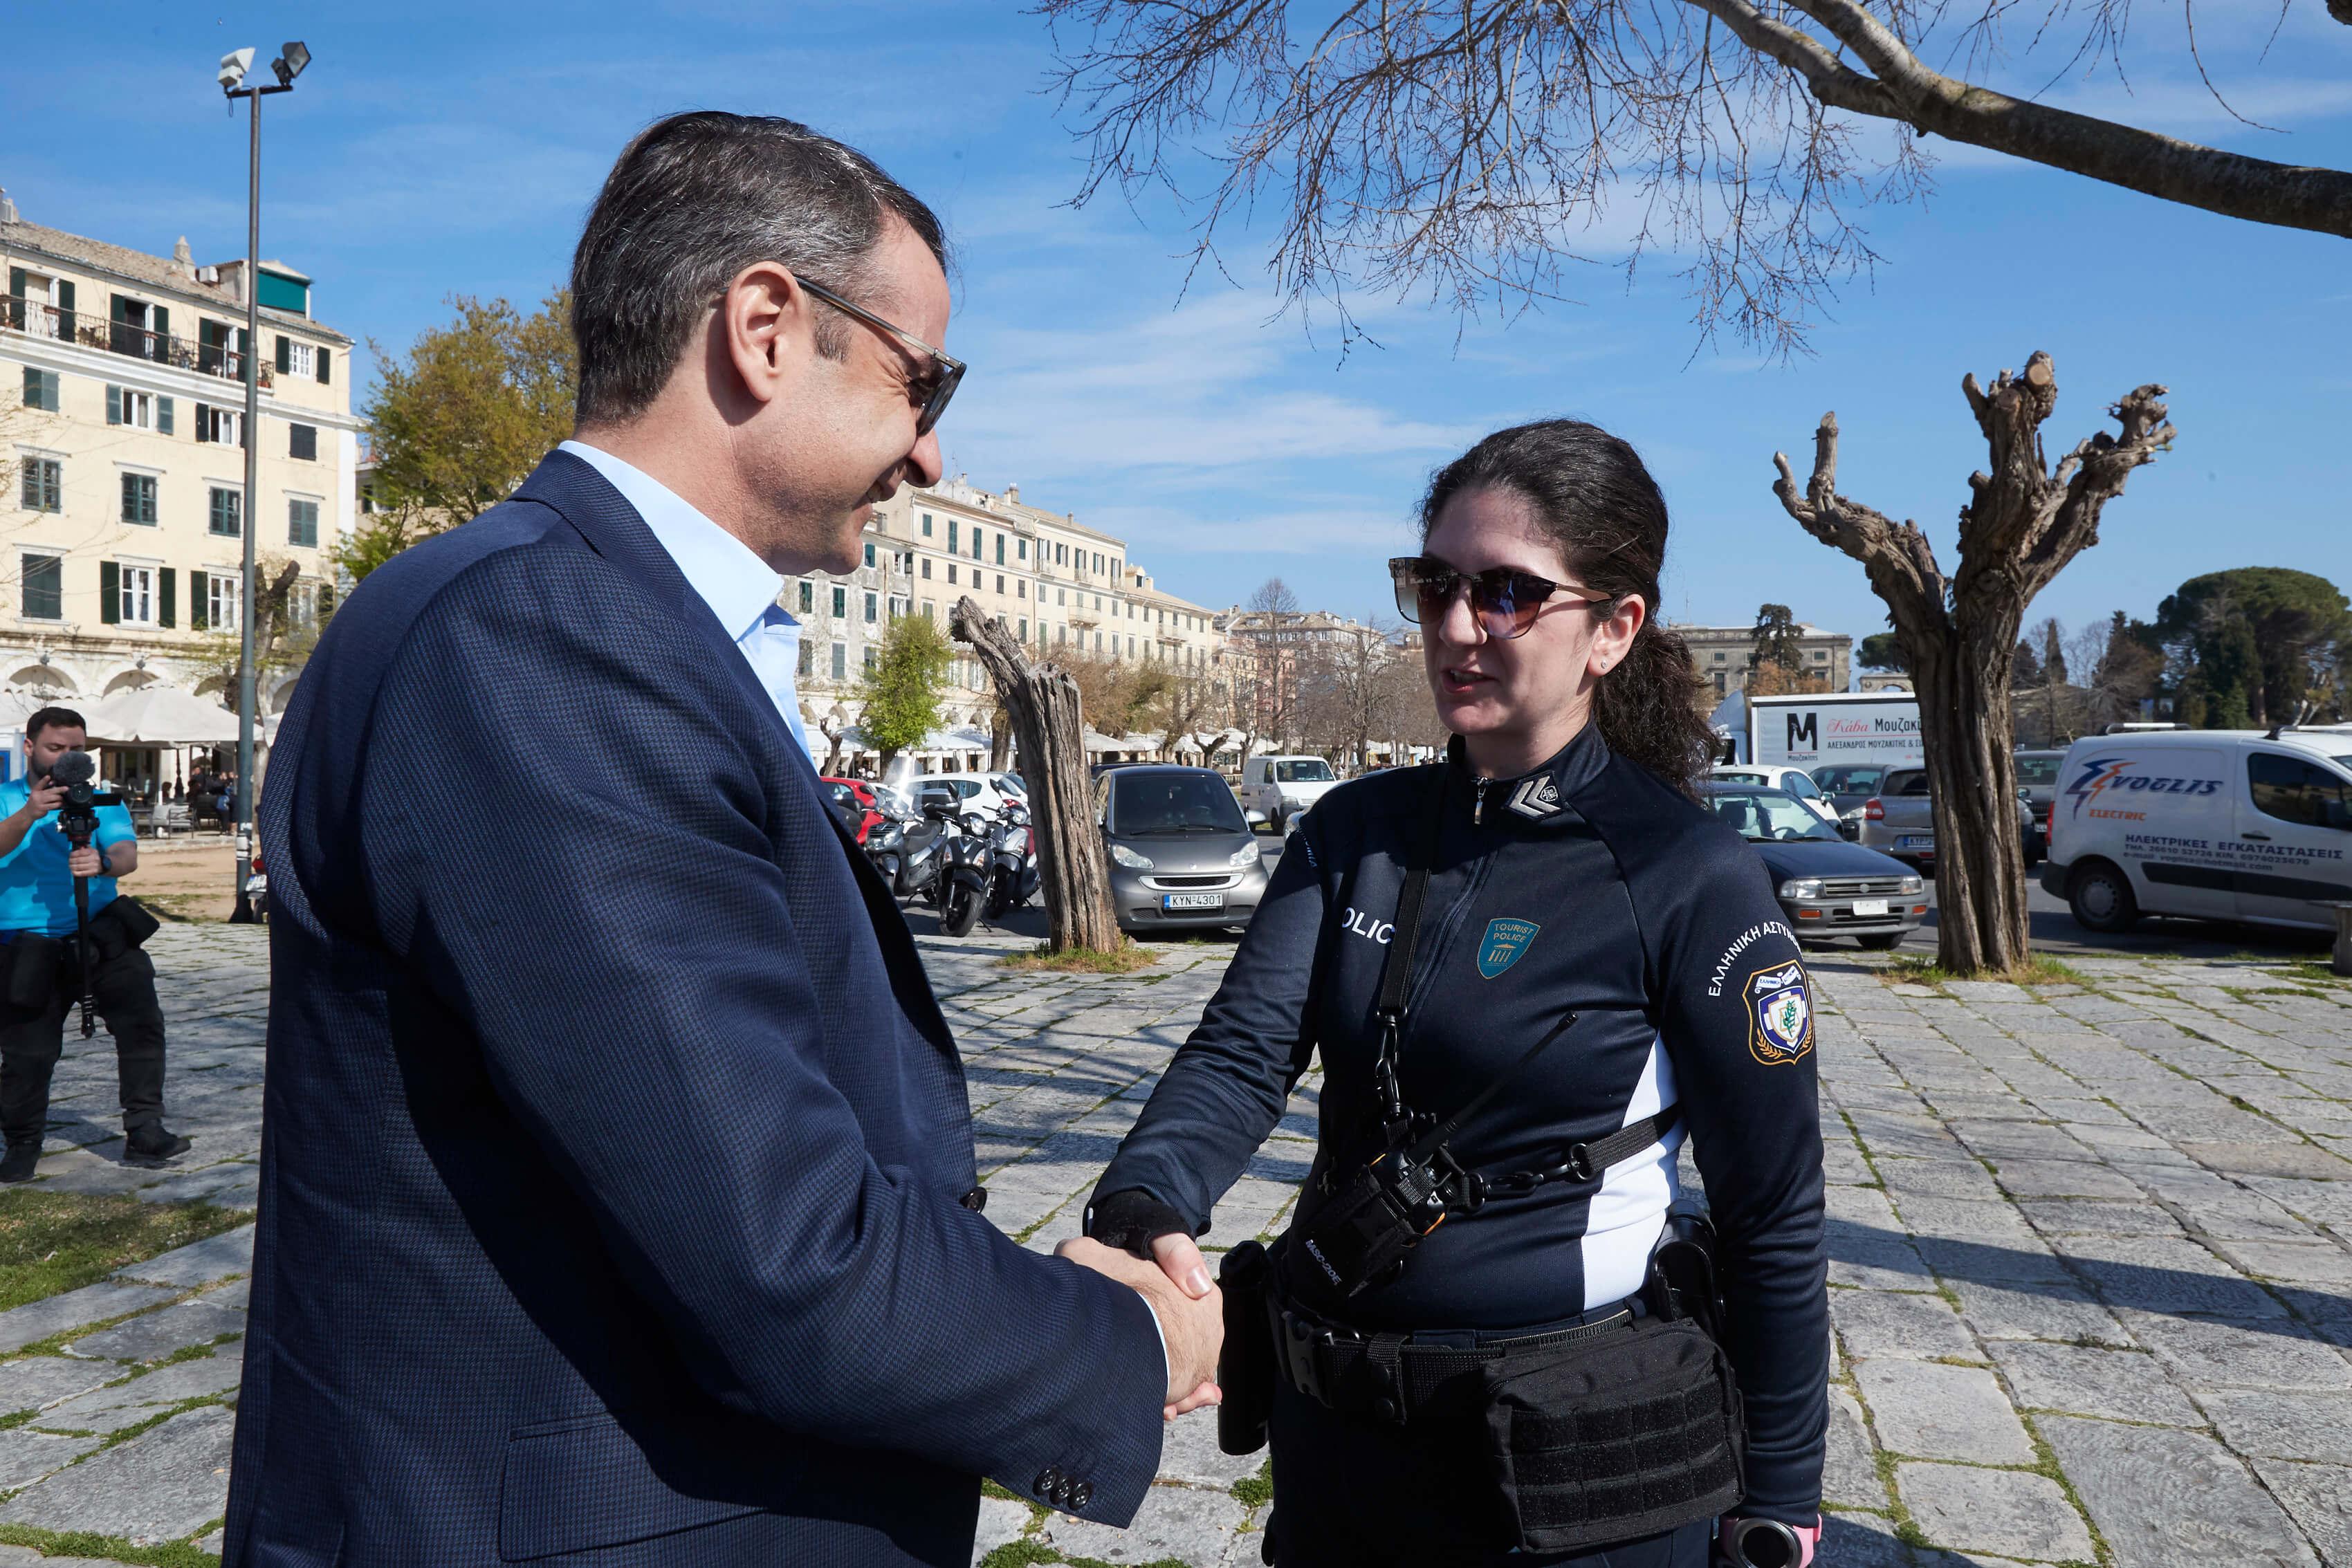 """Κέρκυρα: Η υπόσχεση του Κυριάκου Μητσοτάκη σε οδηγούς ταξί – """"Υπάρχει παραπληροφόρηση για τις θέσεις μας"""" [pics]"""